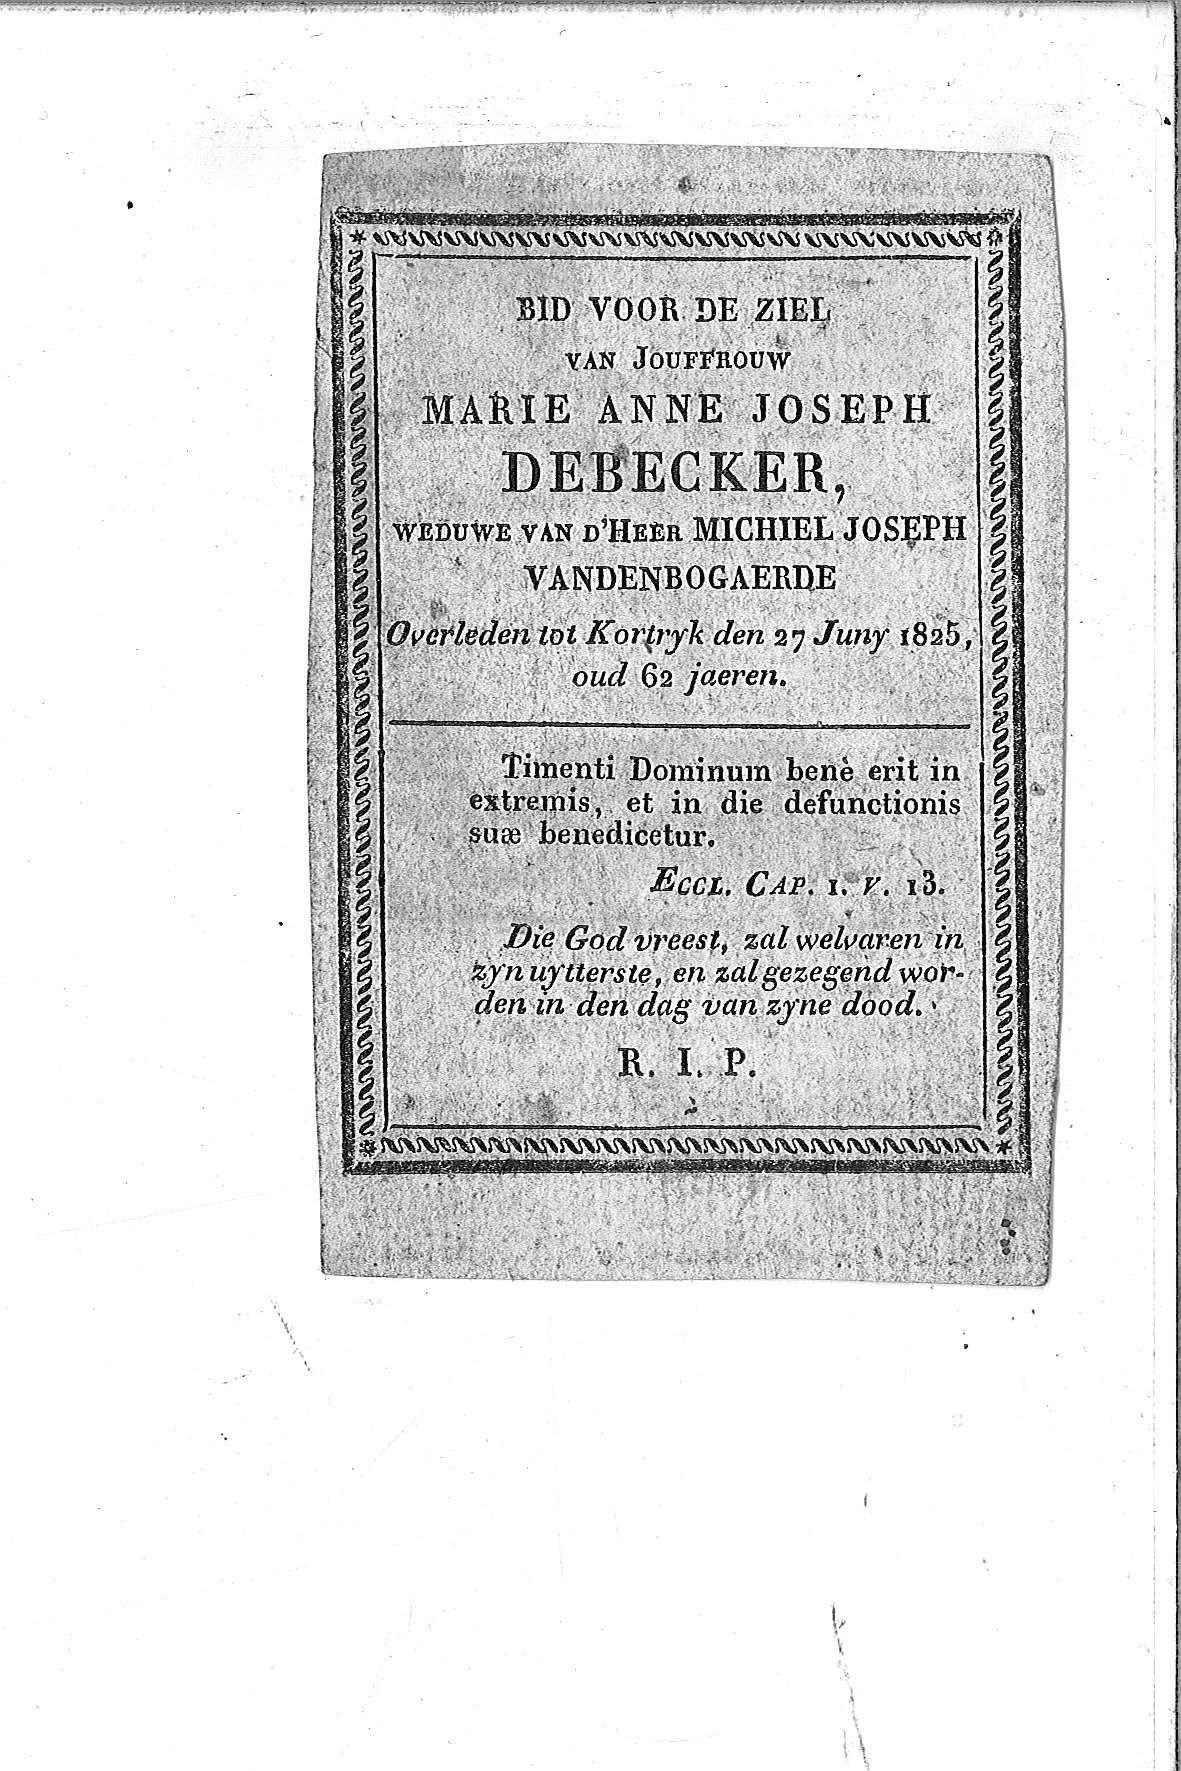 Marie-Anne-Joseph(1925)20140328144018_00105.jpg